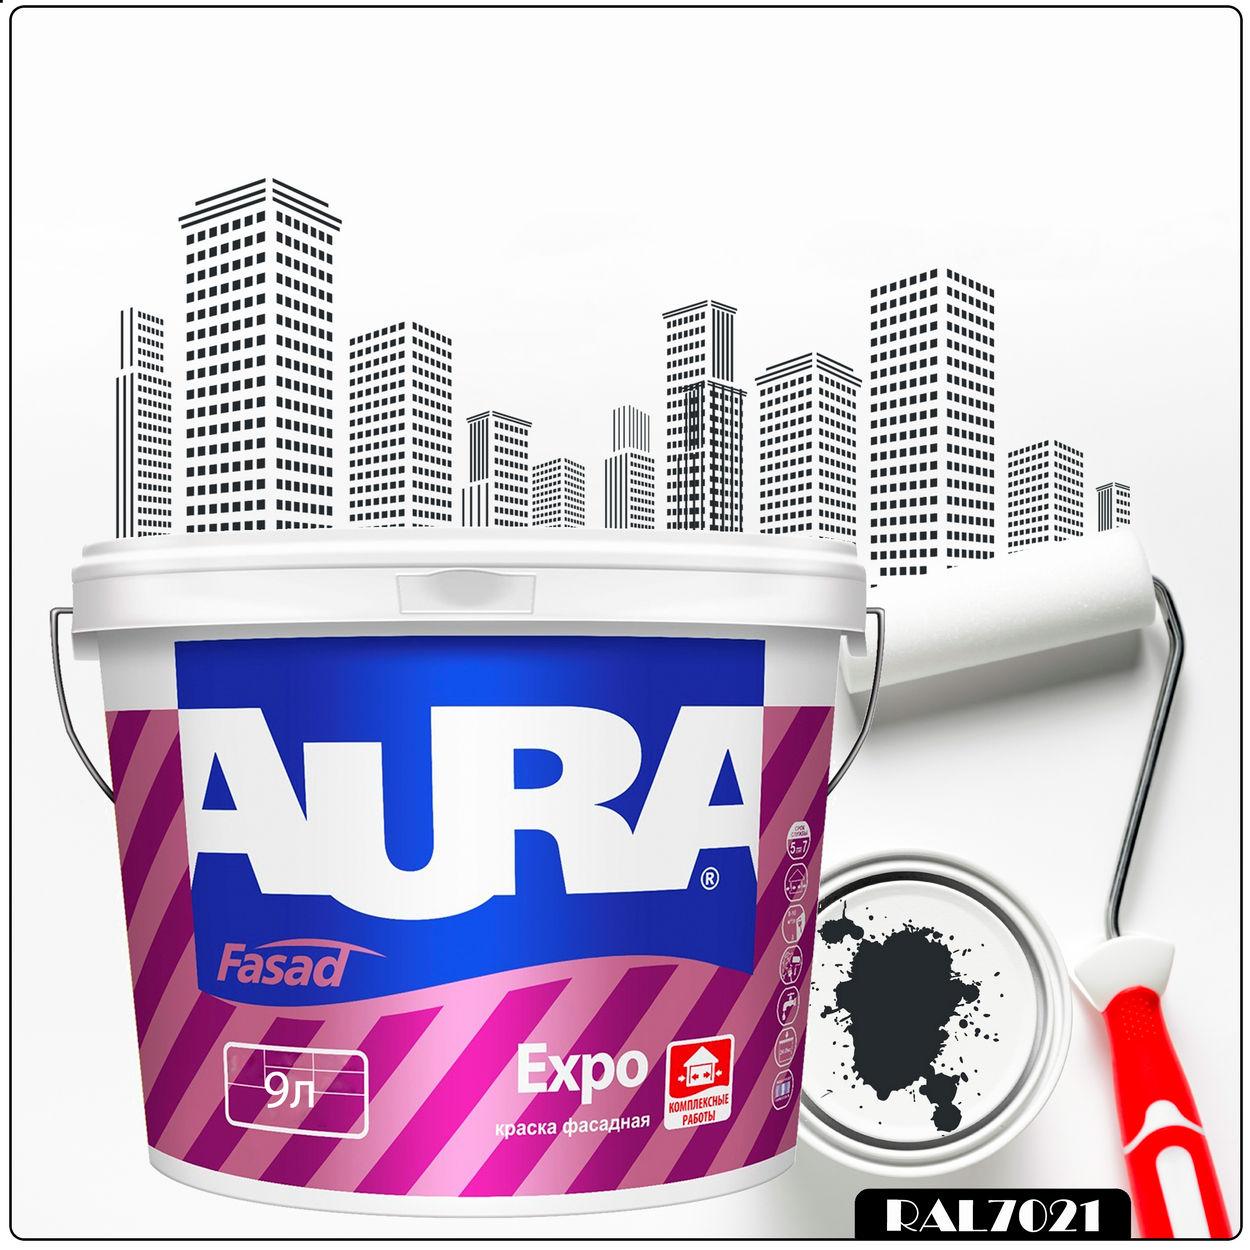 Фото 1 - Краска Aura Fasad Expo, RAL 7021 Чёрно-серый, матовая, для фасадов и помещений с повышенной влажностью, 9л.